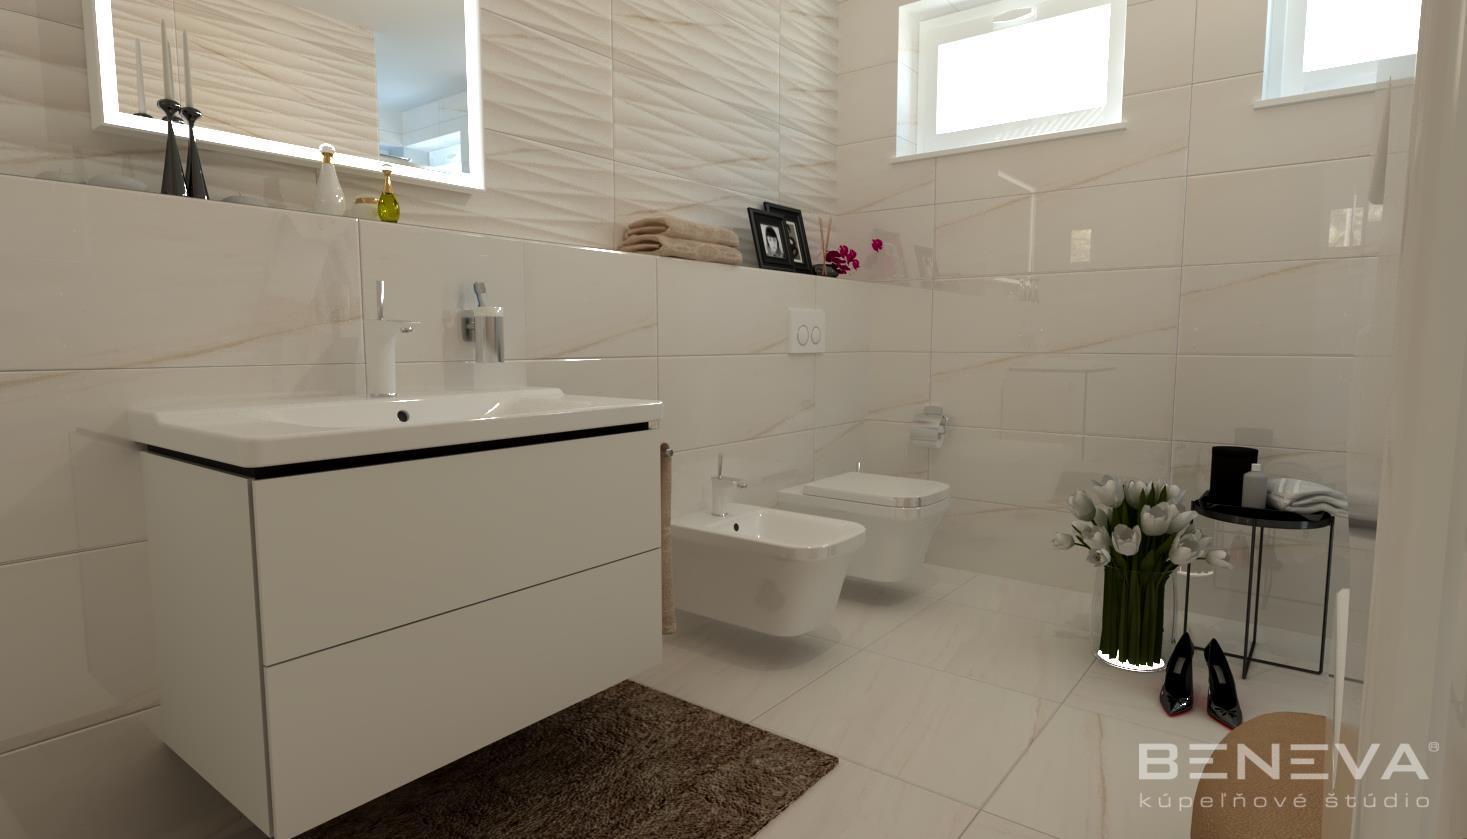 Vizualizácie kúpeľne - Luxusná kúpeľňa Nitra